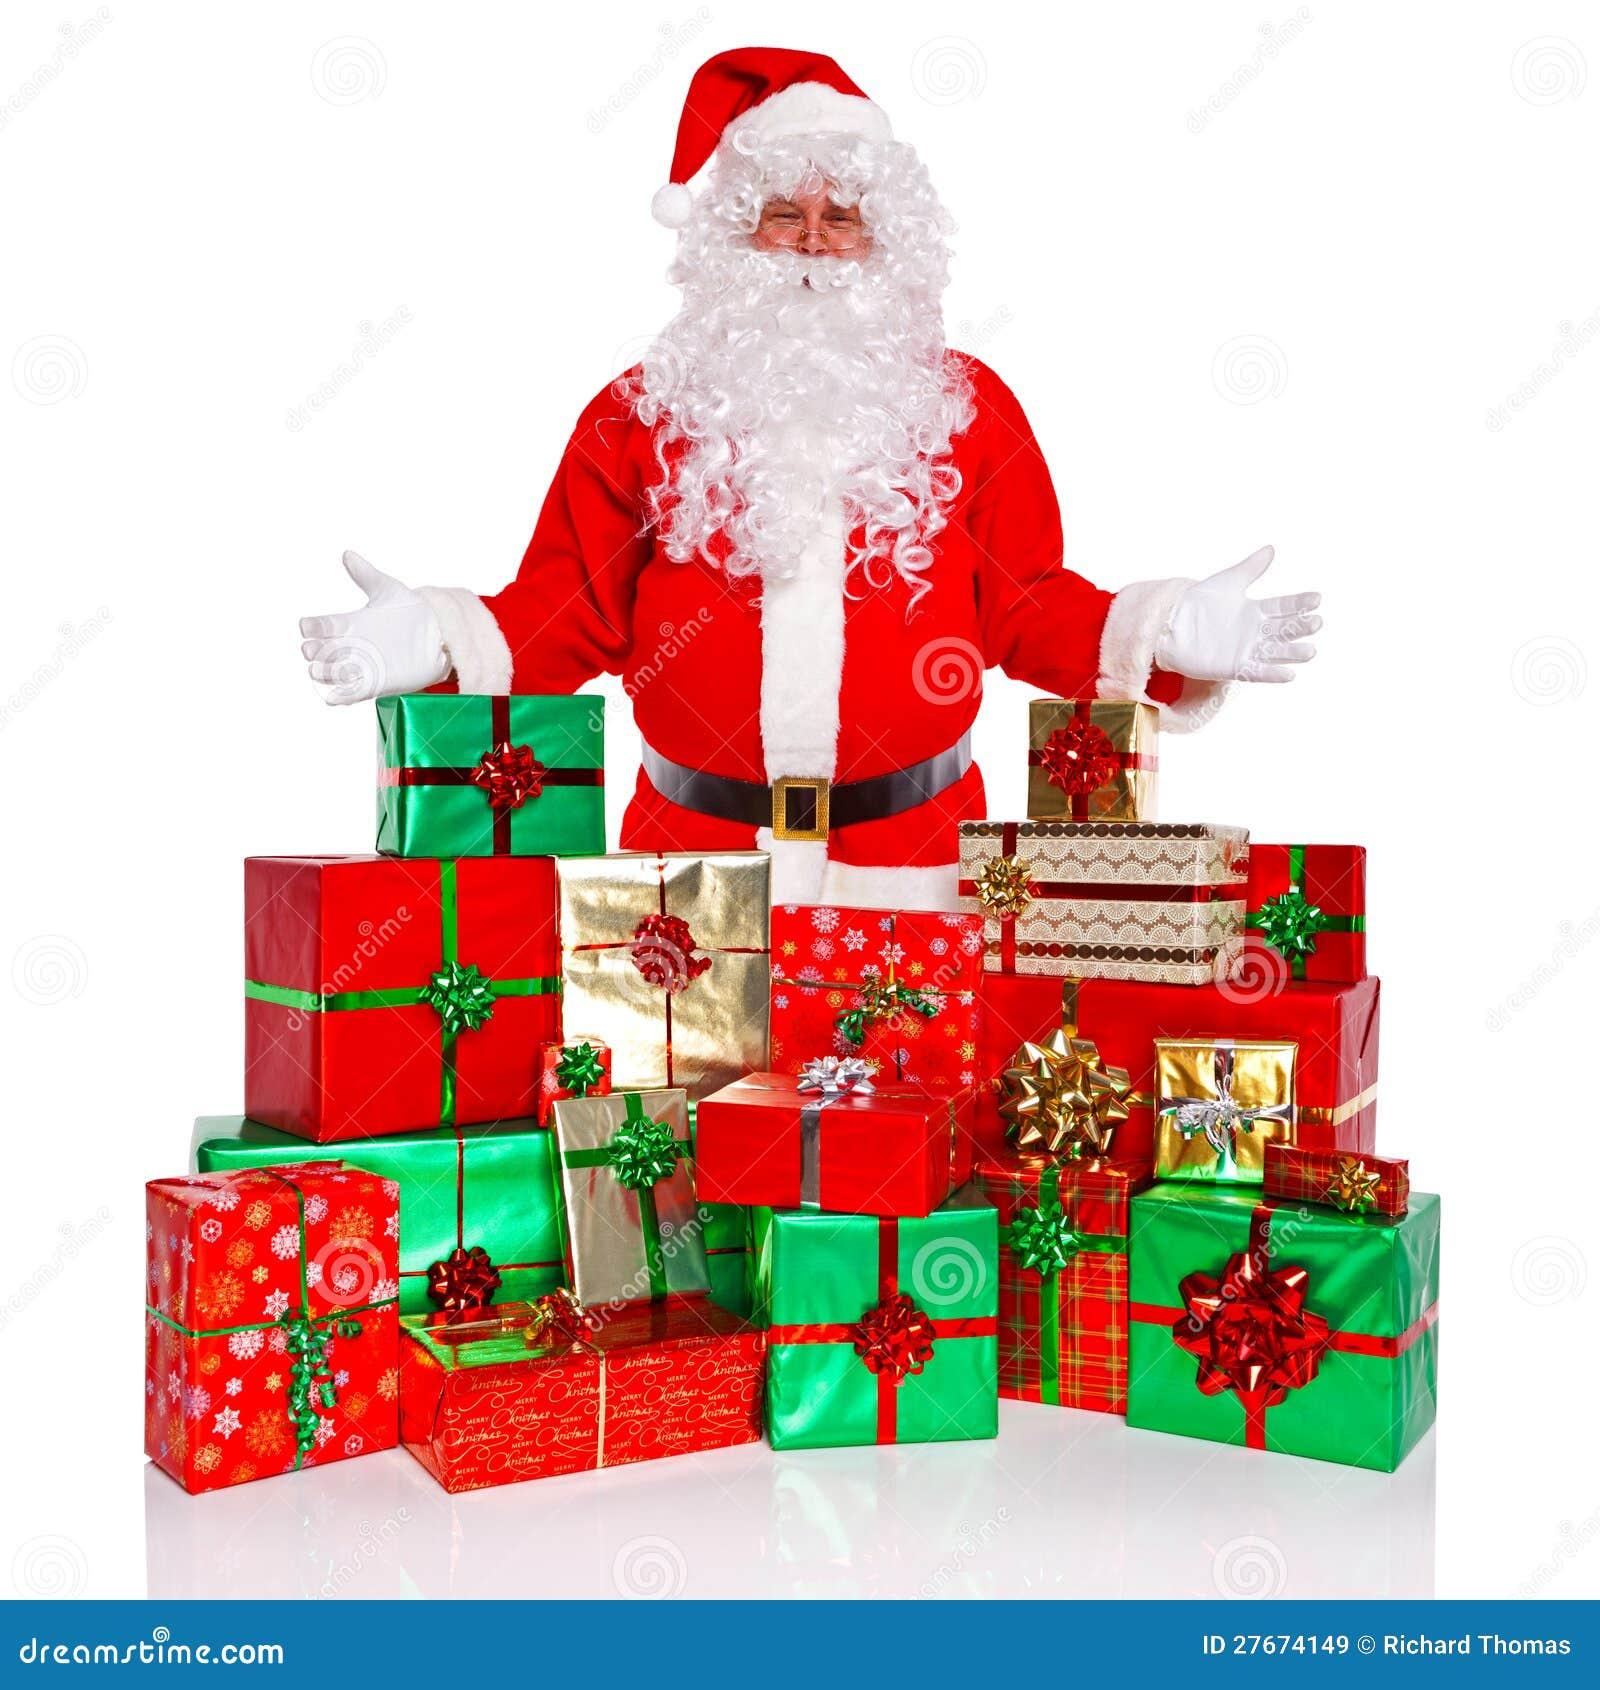 le p re no l avec les pr sents envelopp s par cadeau images libres de droits image 27674149. Black Bedroom Furniture Sets. Home Design Ideas